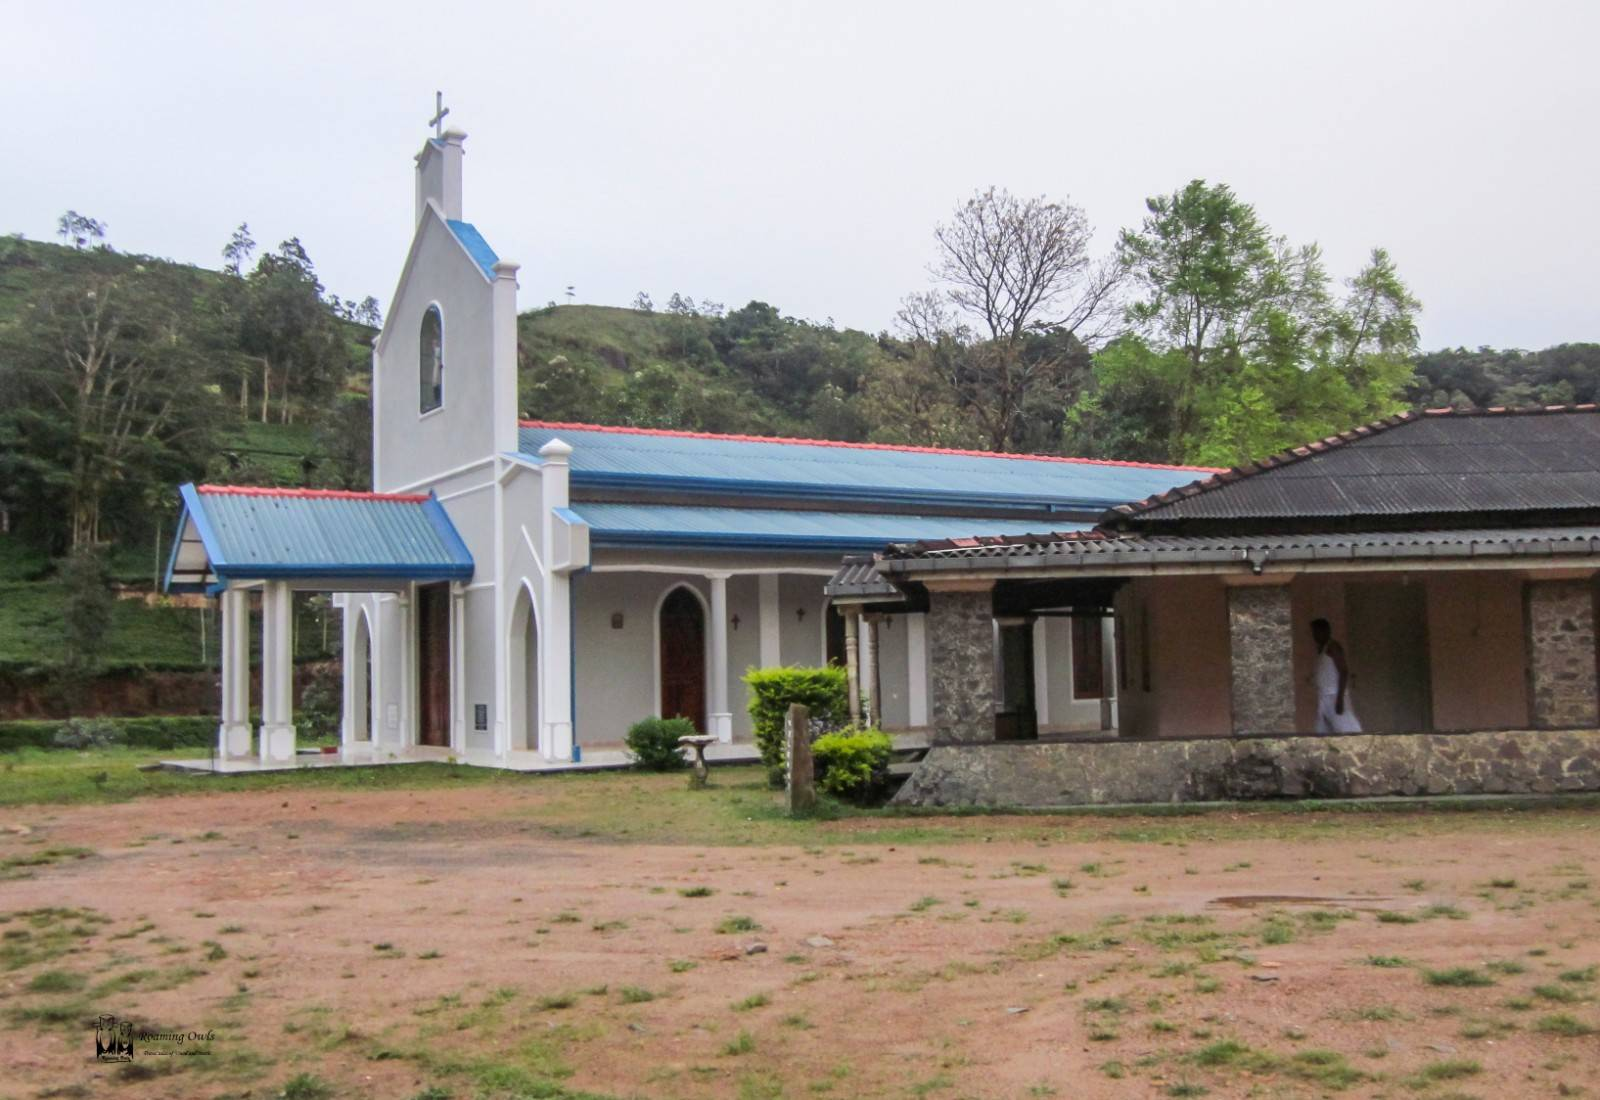 Srilanka,church,tea estate,nowwhere church